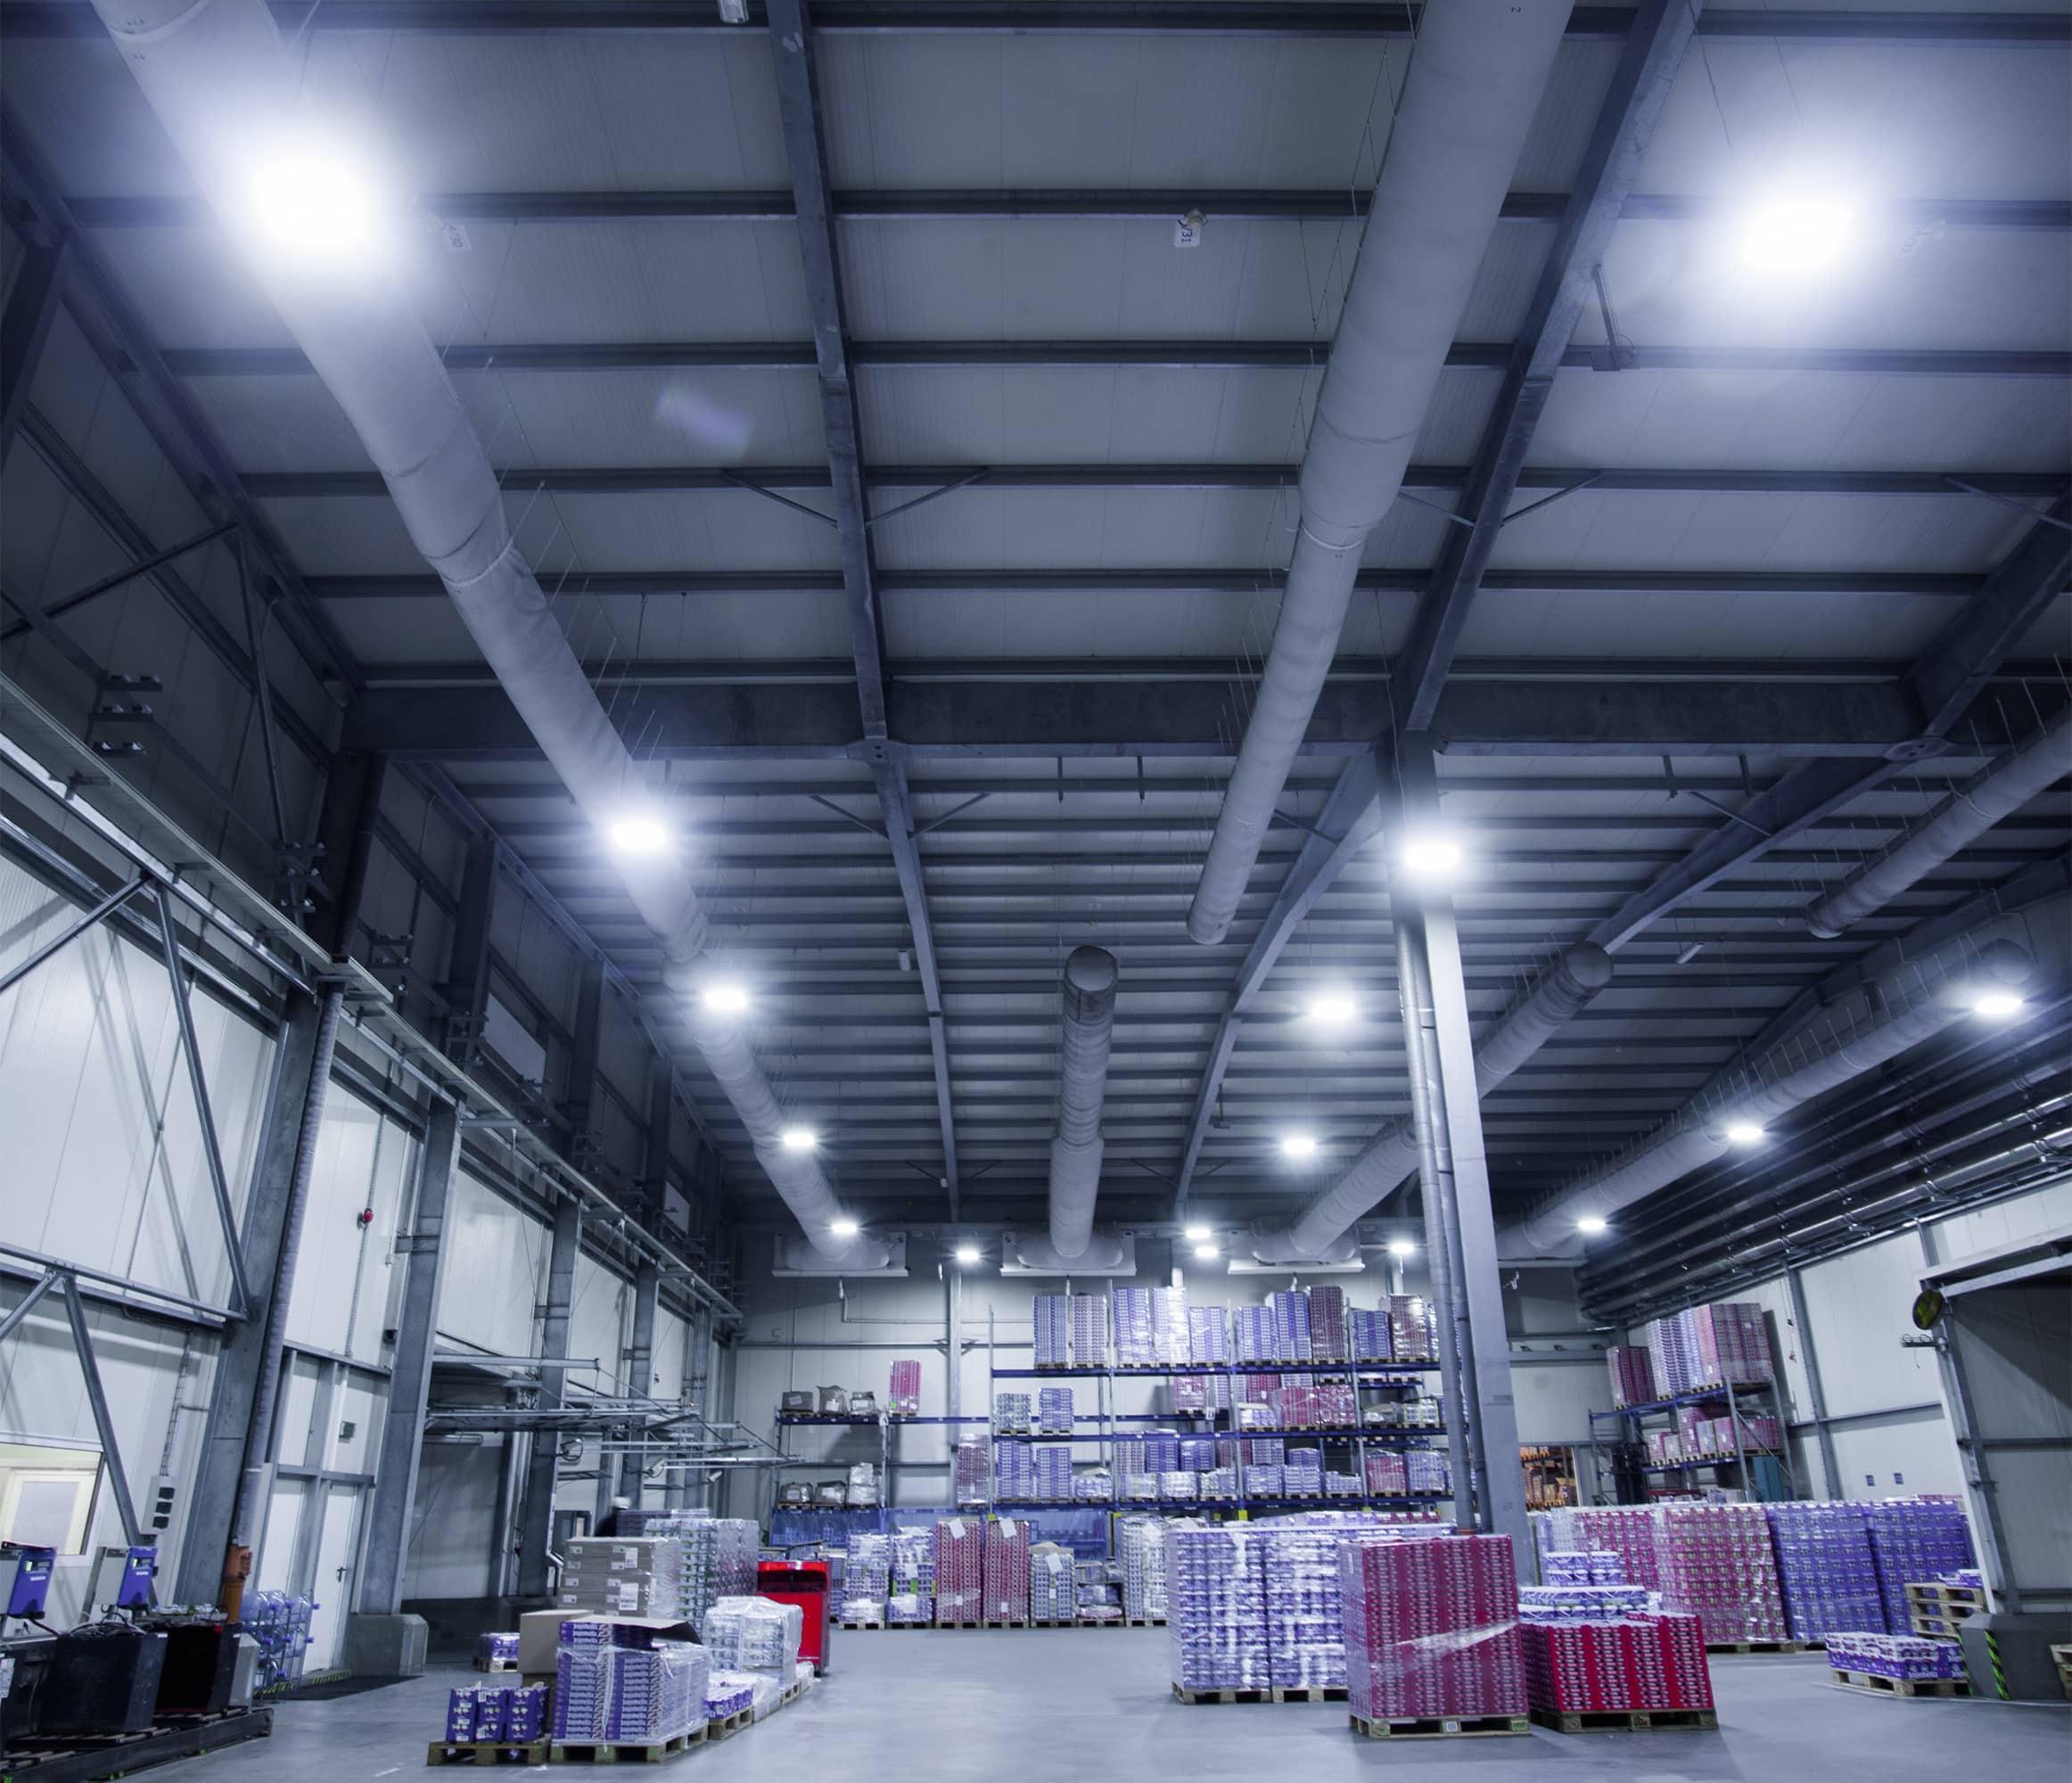 Oprawy Highbay w zakładach produkcyjnych firmy Zott - Luxon LED